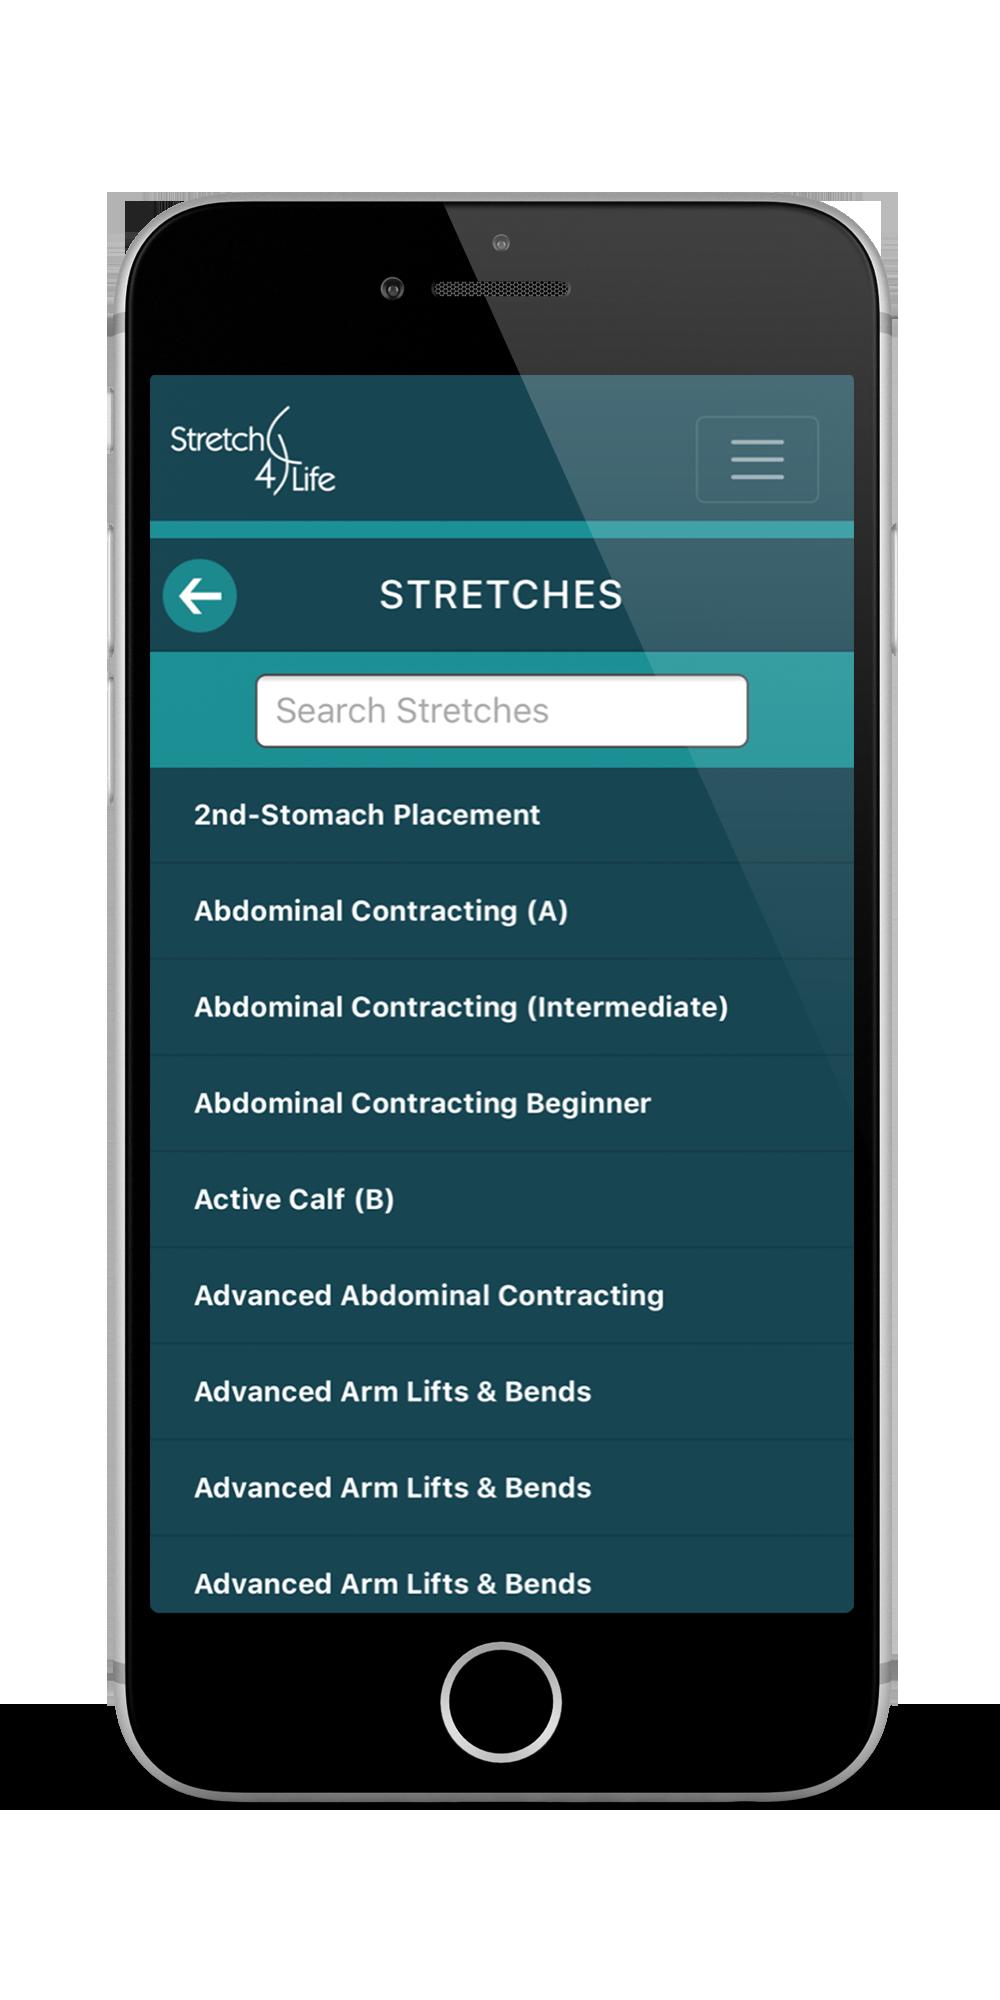 Stretch4Life App Stretches Screenshot